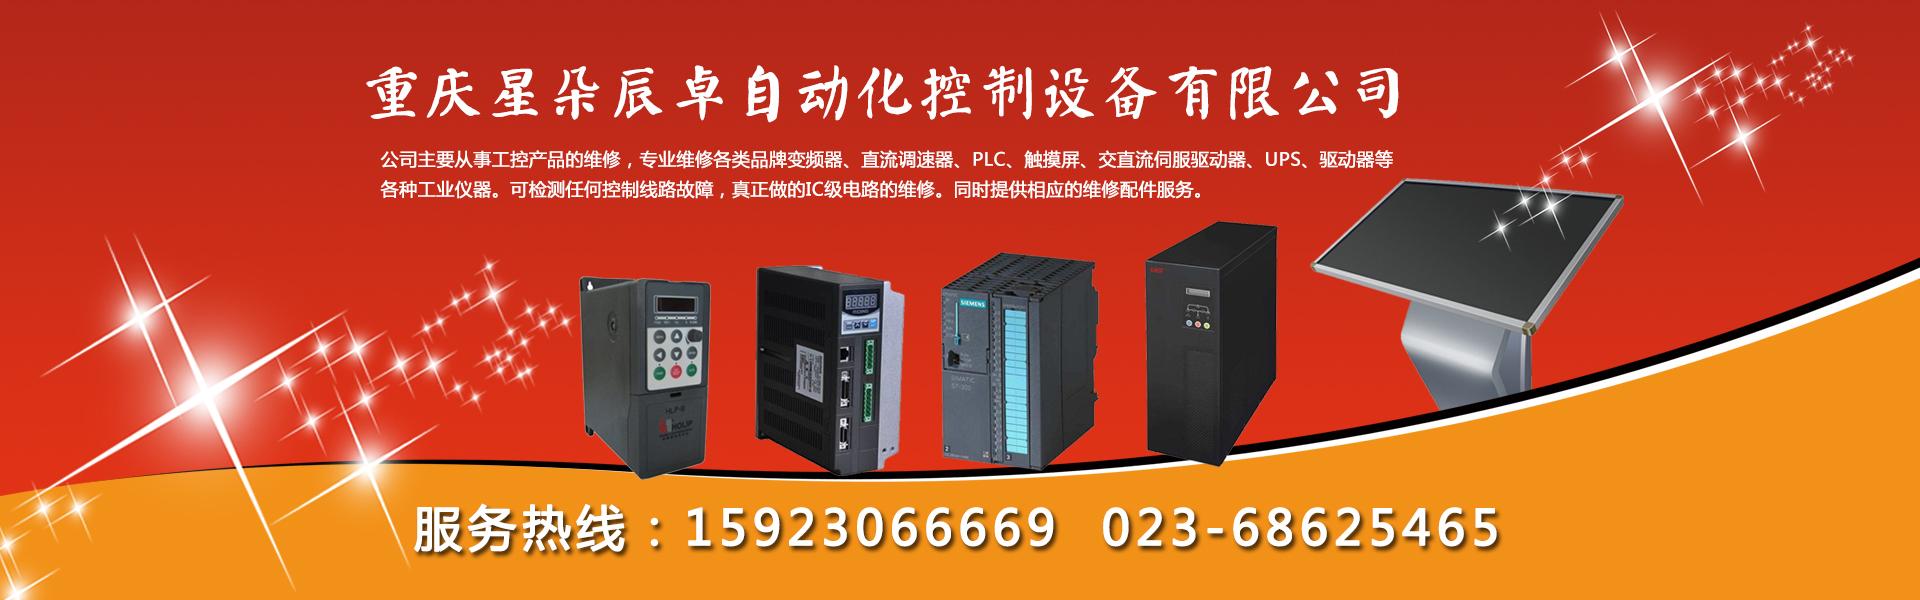 重庆星朵辰卓自动化控制设备有限公司专业维修各类品牌变频器、直流调速器、PLC、触摸屏、交直流伺服驱动器、  UPS、驱动器等各种工业仪器。